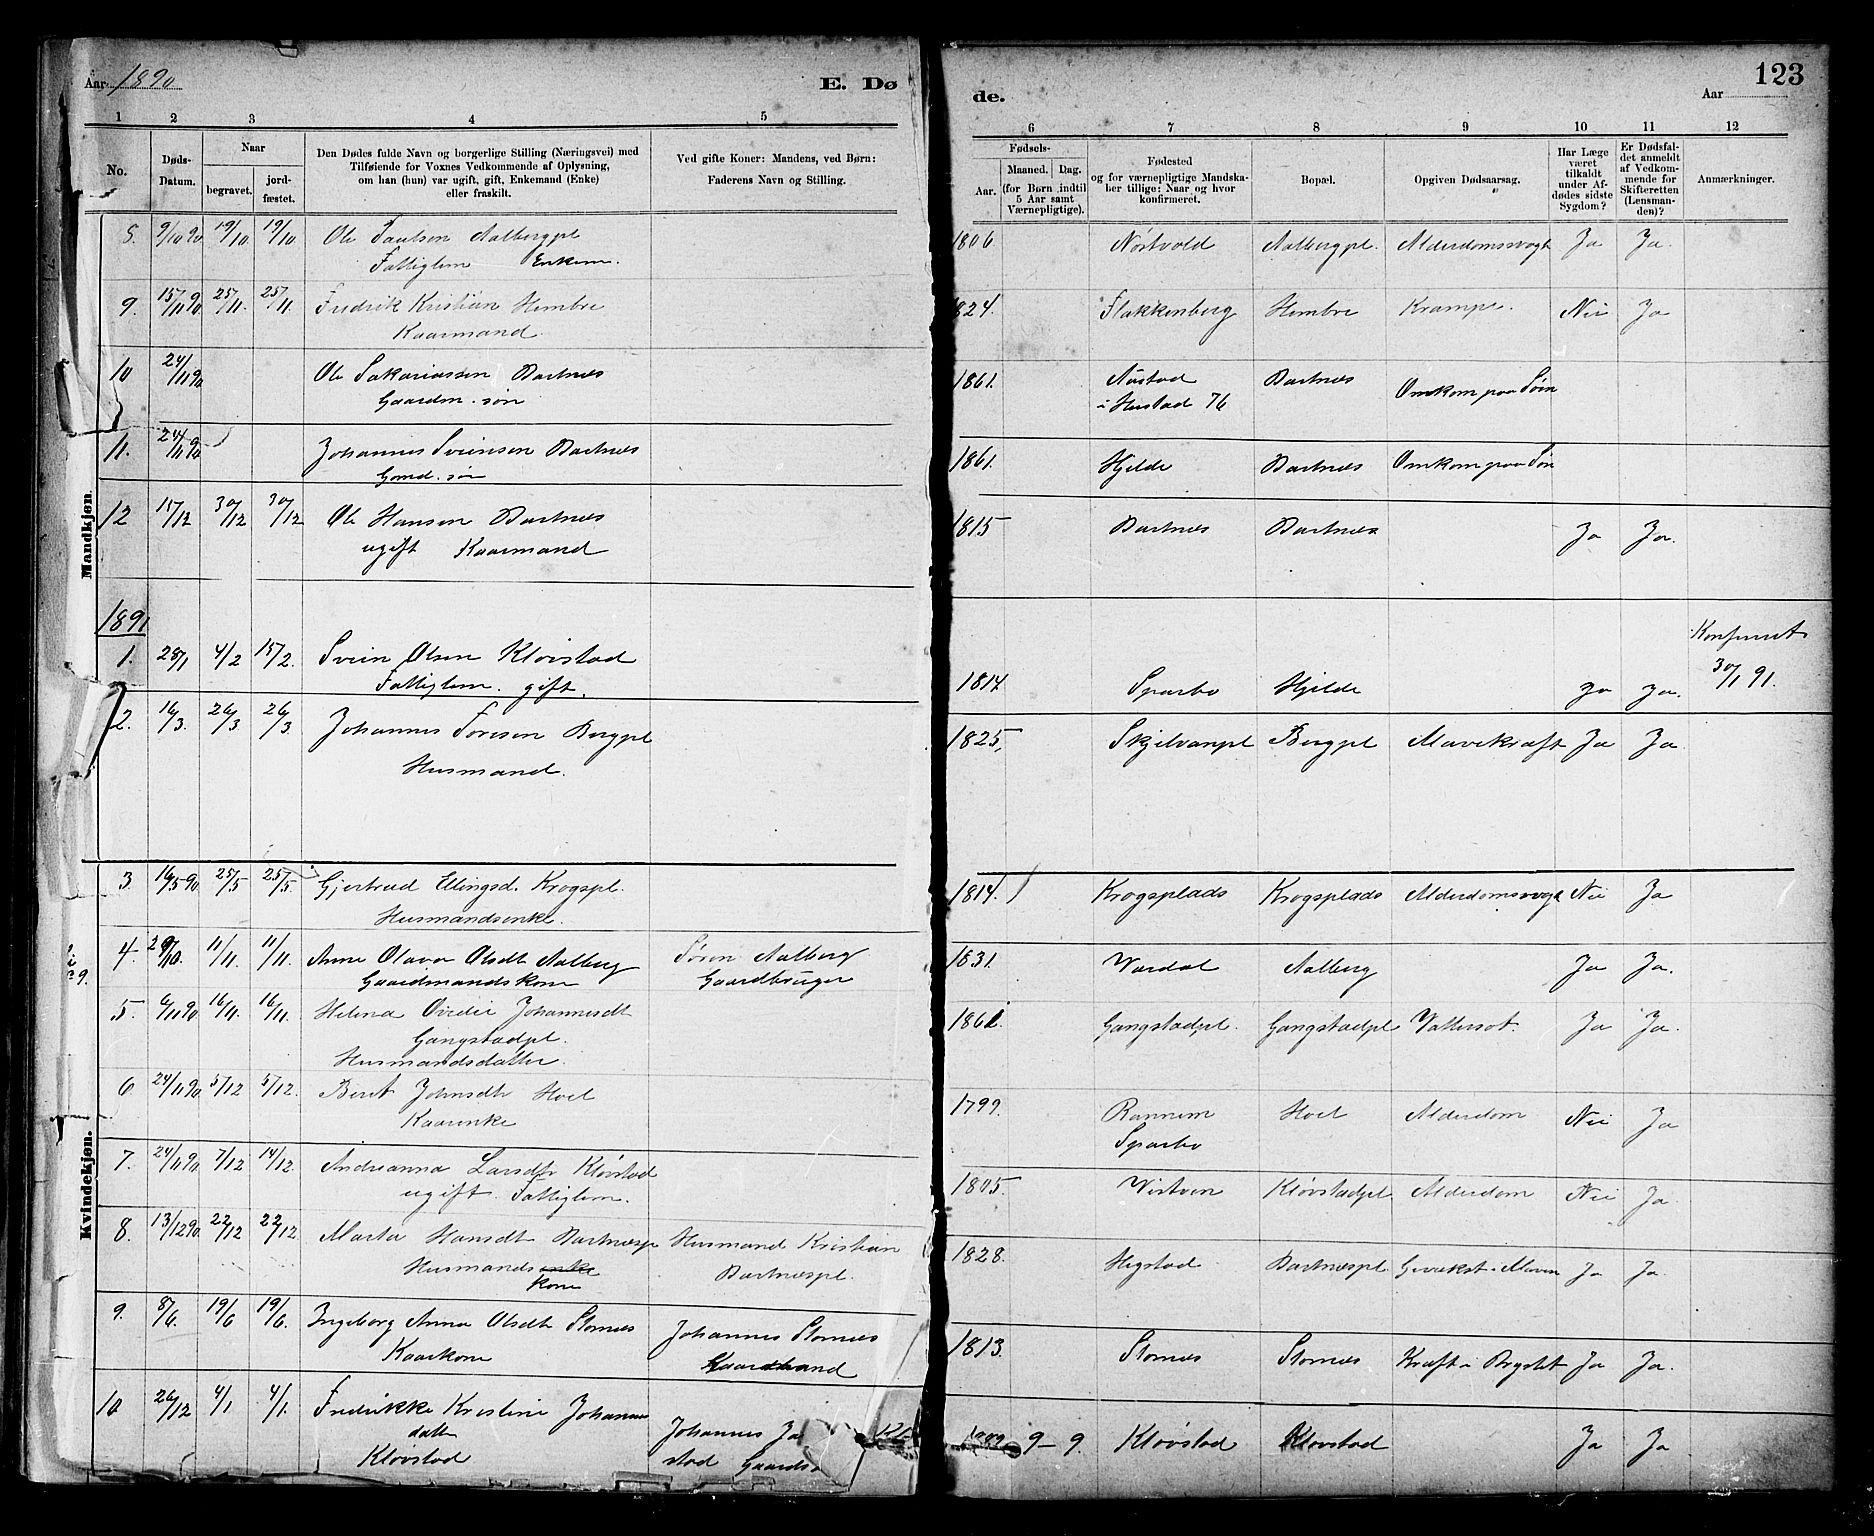 SAT, Ministerialprotokoller, klokkerbøker og fødselsregistre - Nord-Trøndelag, 732/L0318: Klokkerbok nr. 732C02, 1881-1911, s. 123